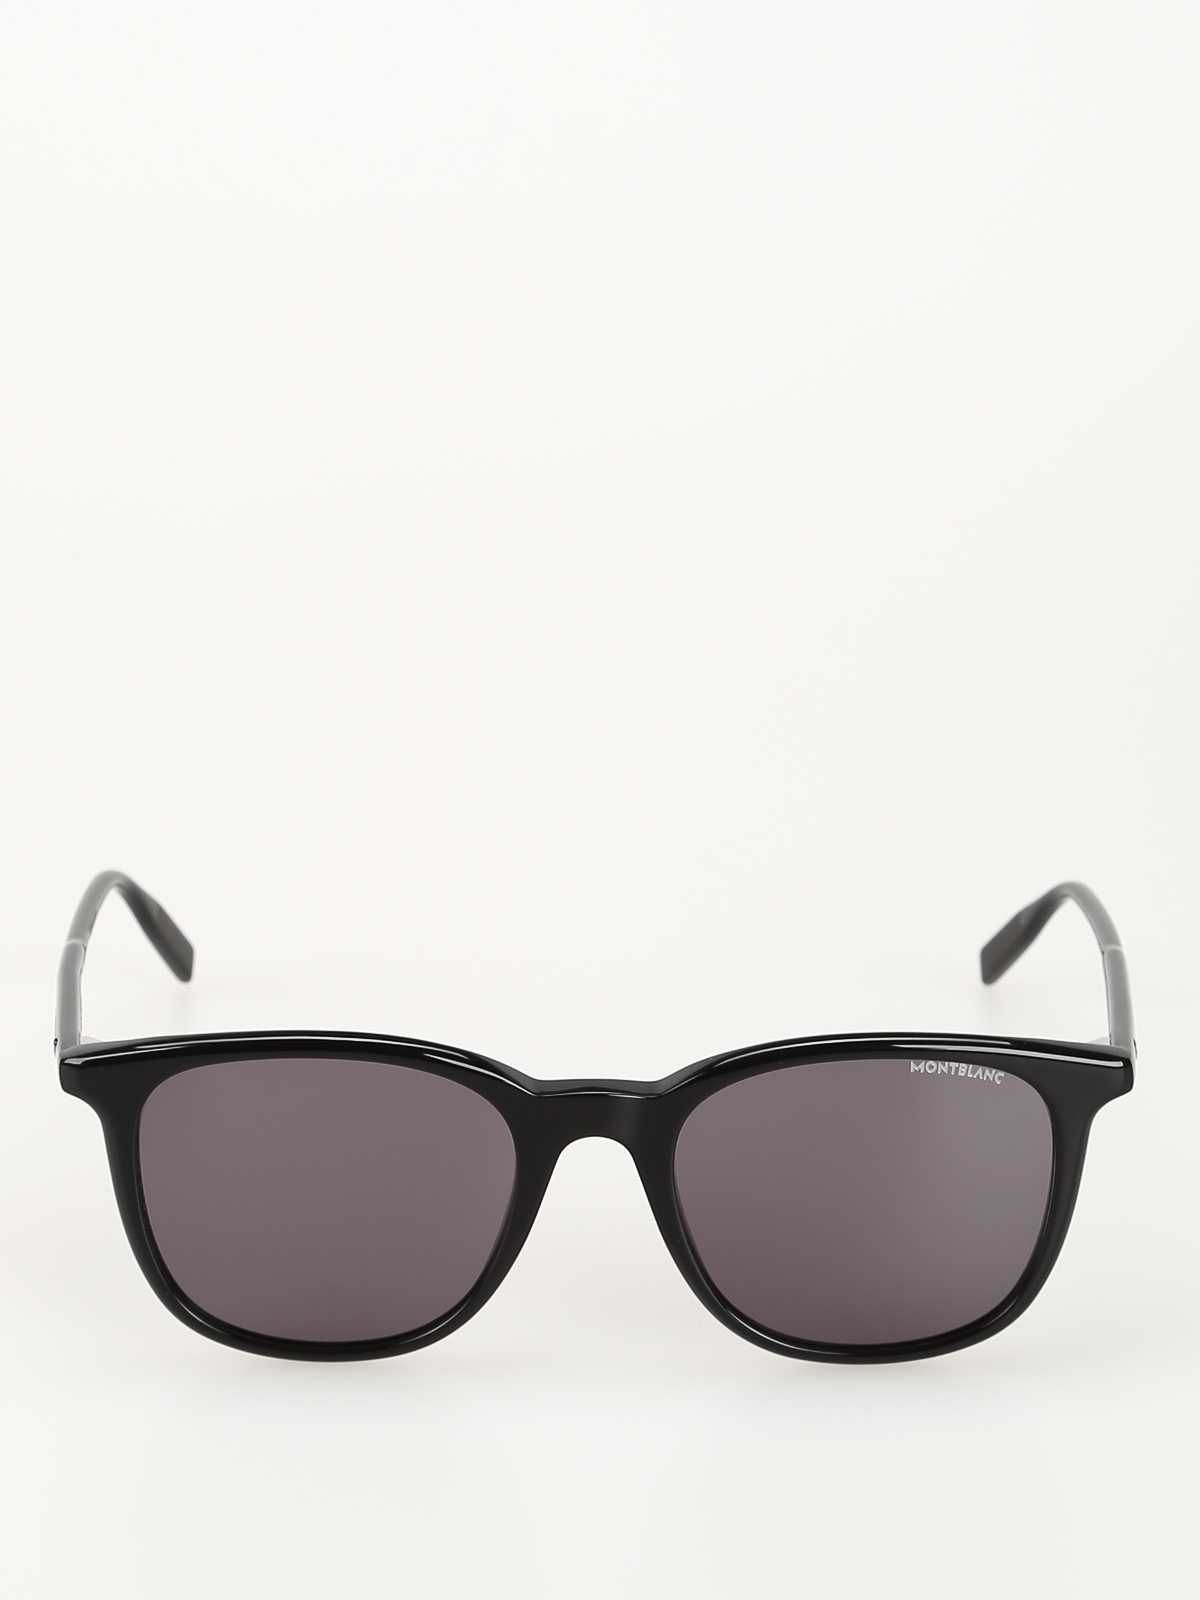 c86370a802 Montblanc - Gafas De Sol - Negro - Gafas de sol - MB0006S001   iKRIX.com